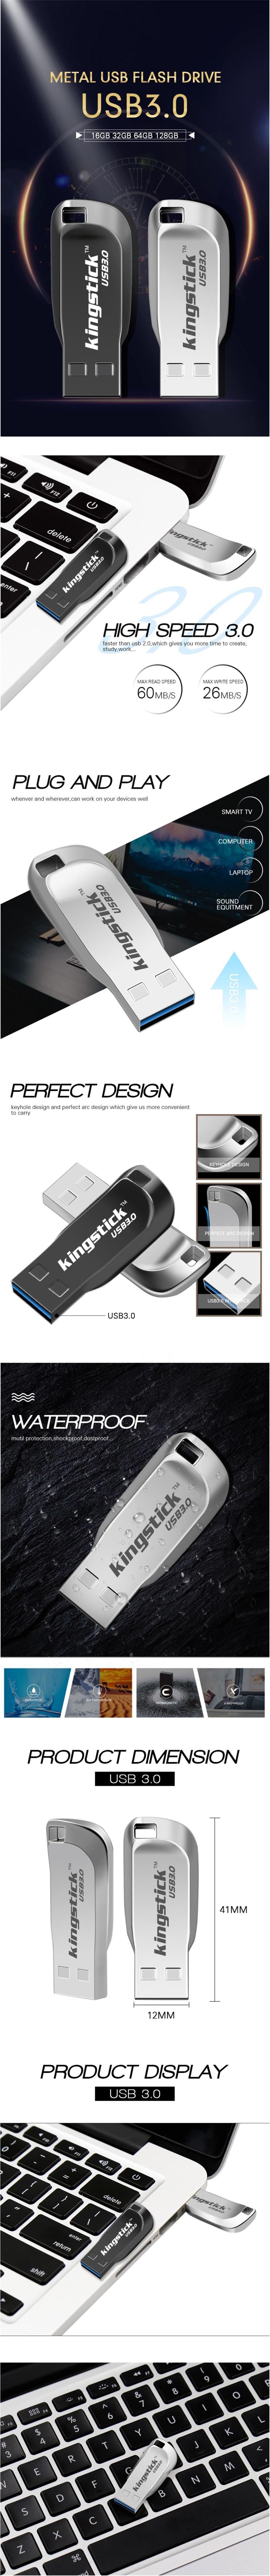 Kingstick XC-USB-KK-33 Mini USB Flash Drive USB 3 0 16GB 32GB 64GB 128GB  Metal Flash Memory Card USB Stick Pen Drive U Disk